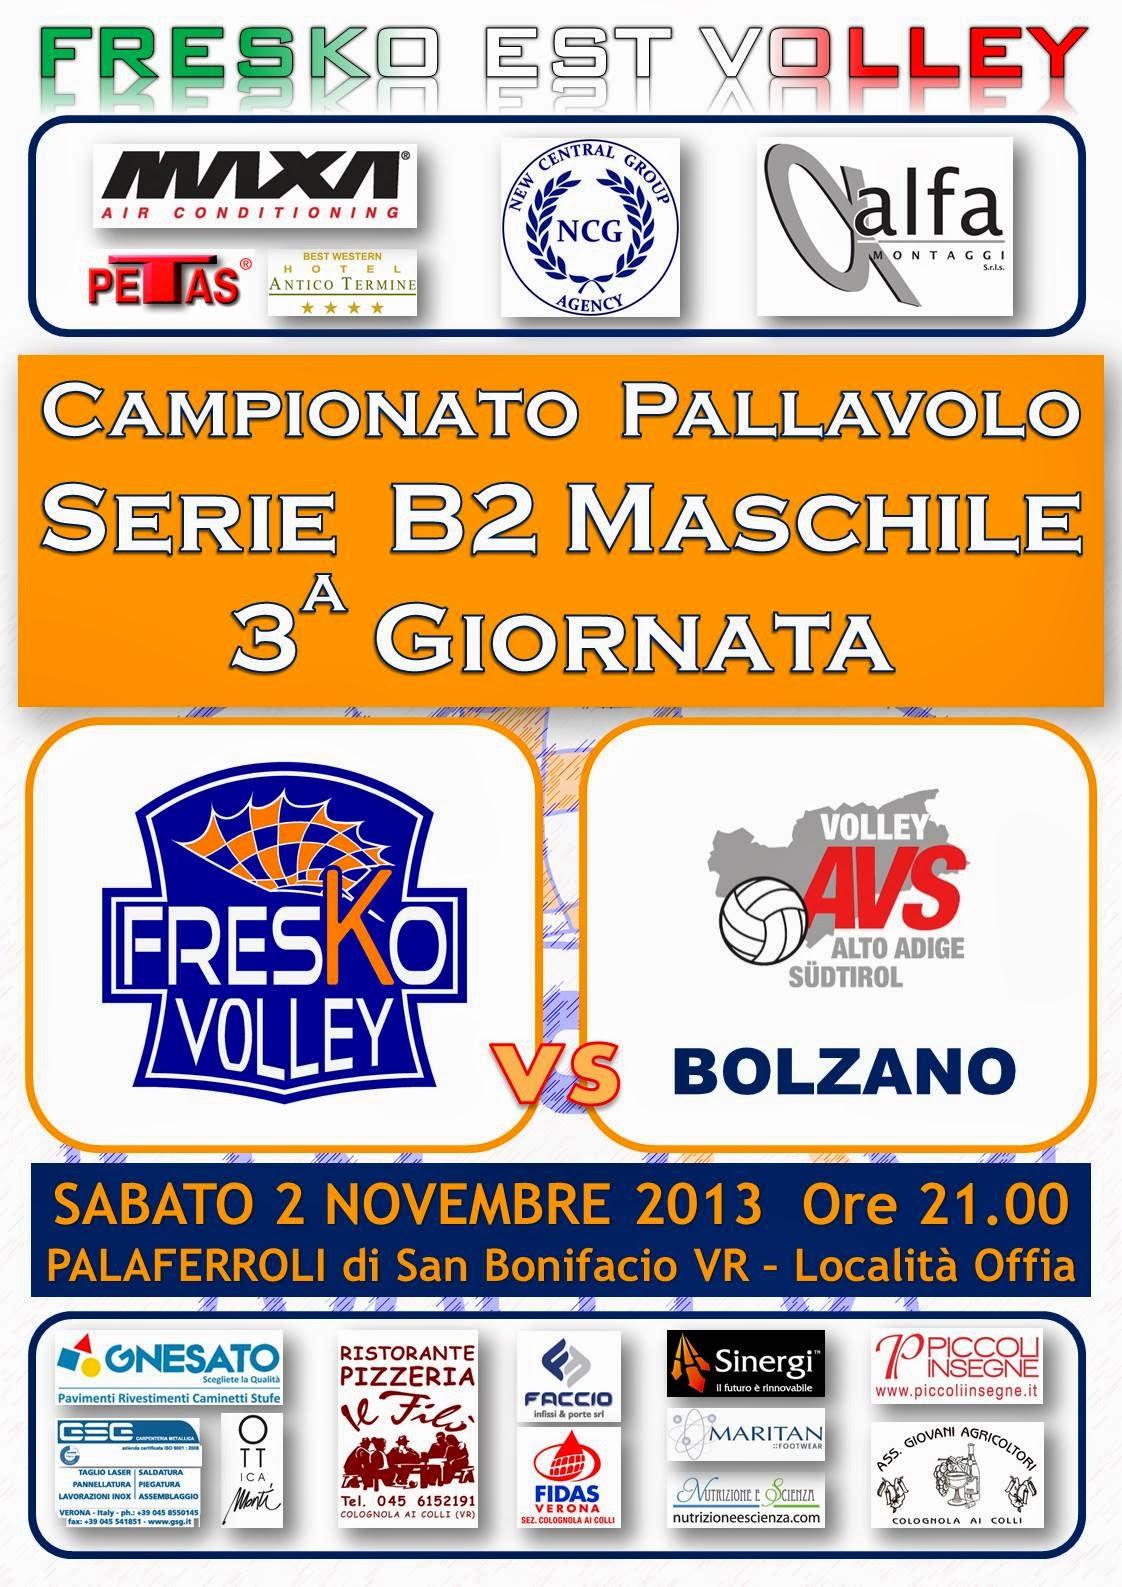 Cavalli di razza ottobre 2013 for Cavalli bolzano